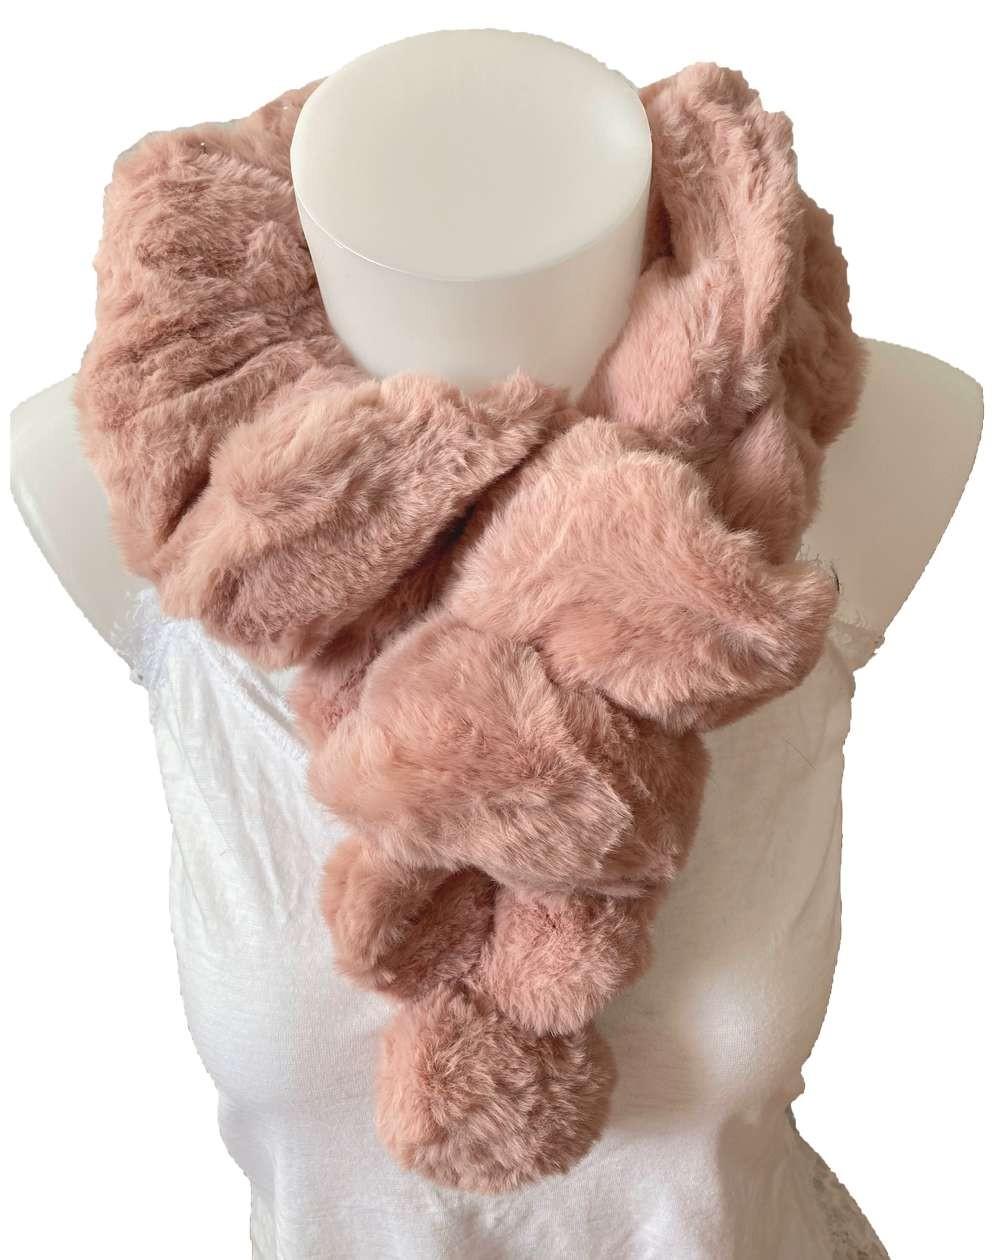 Écharpe tour de cou élastique en fourrure de lapin coloris rose